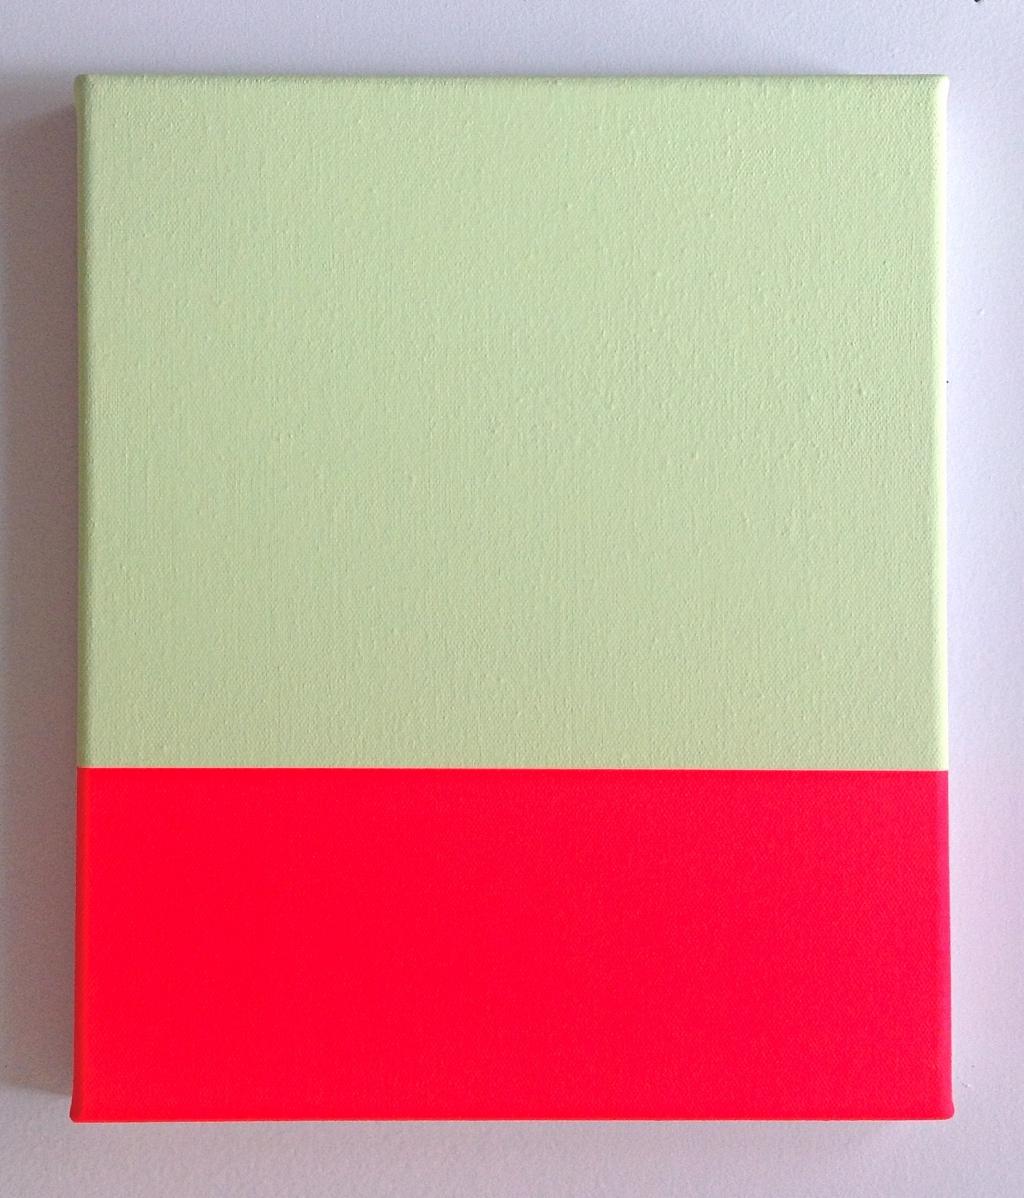 Field [Fire Red]